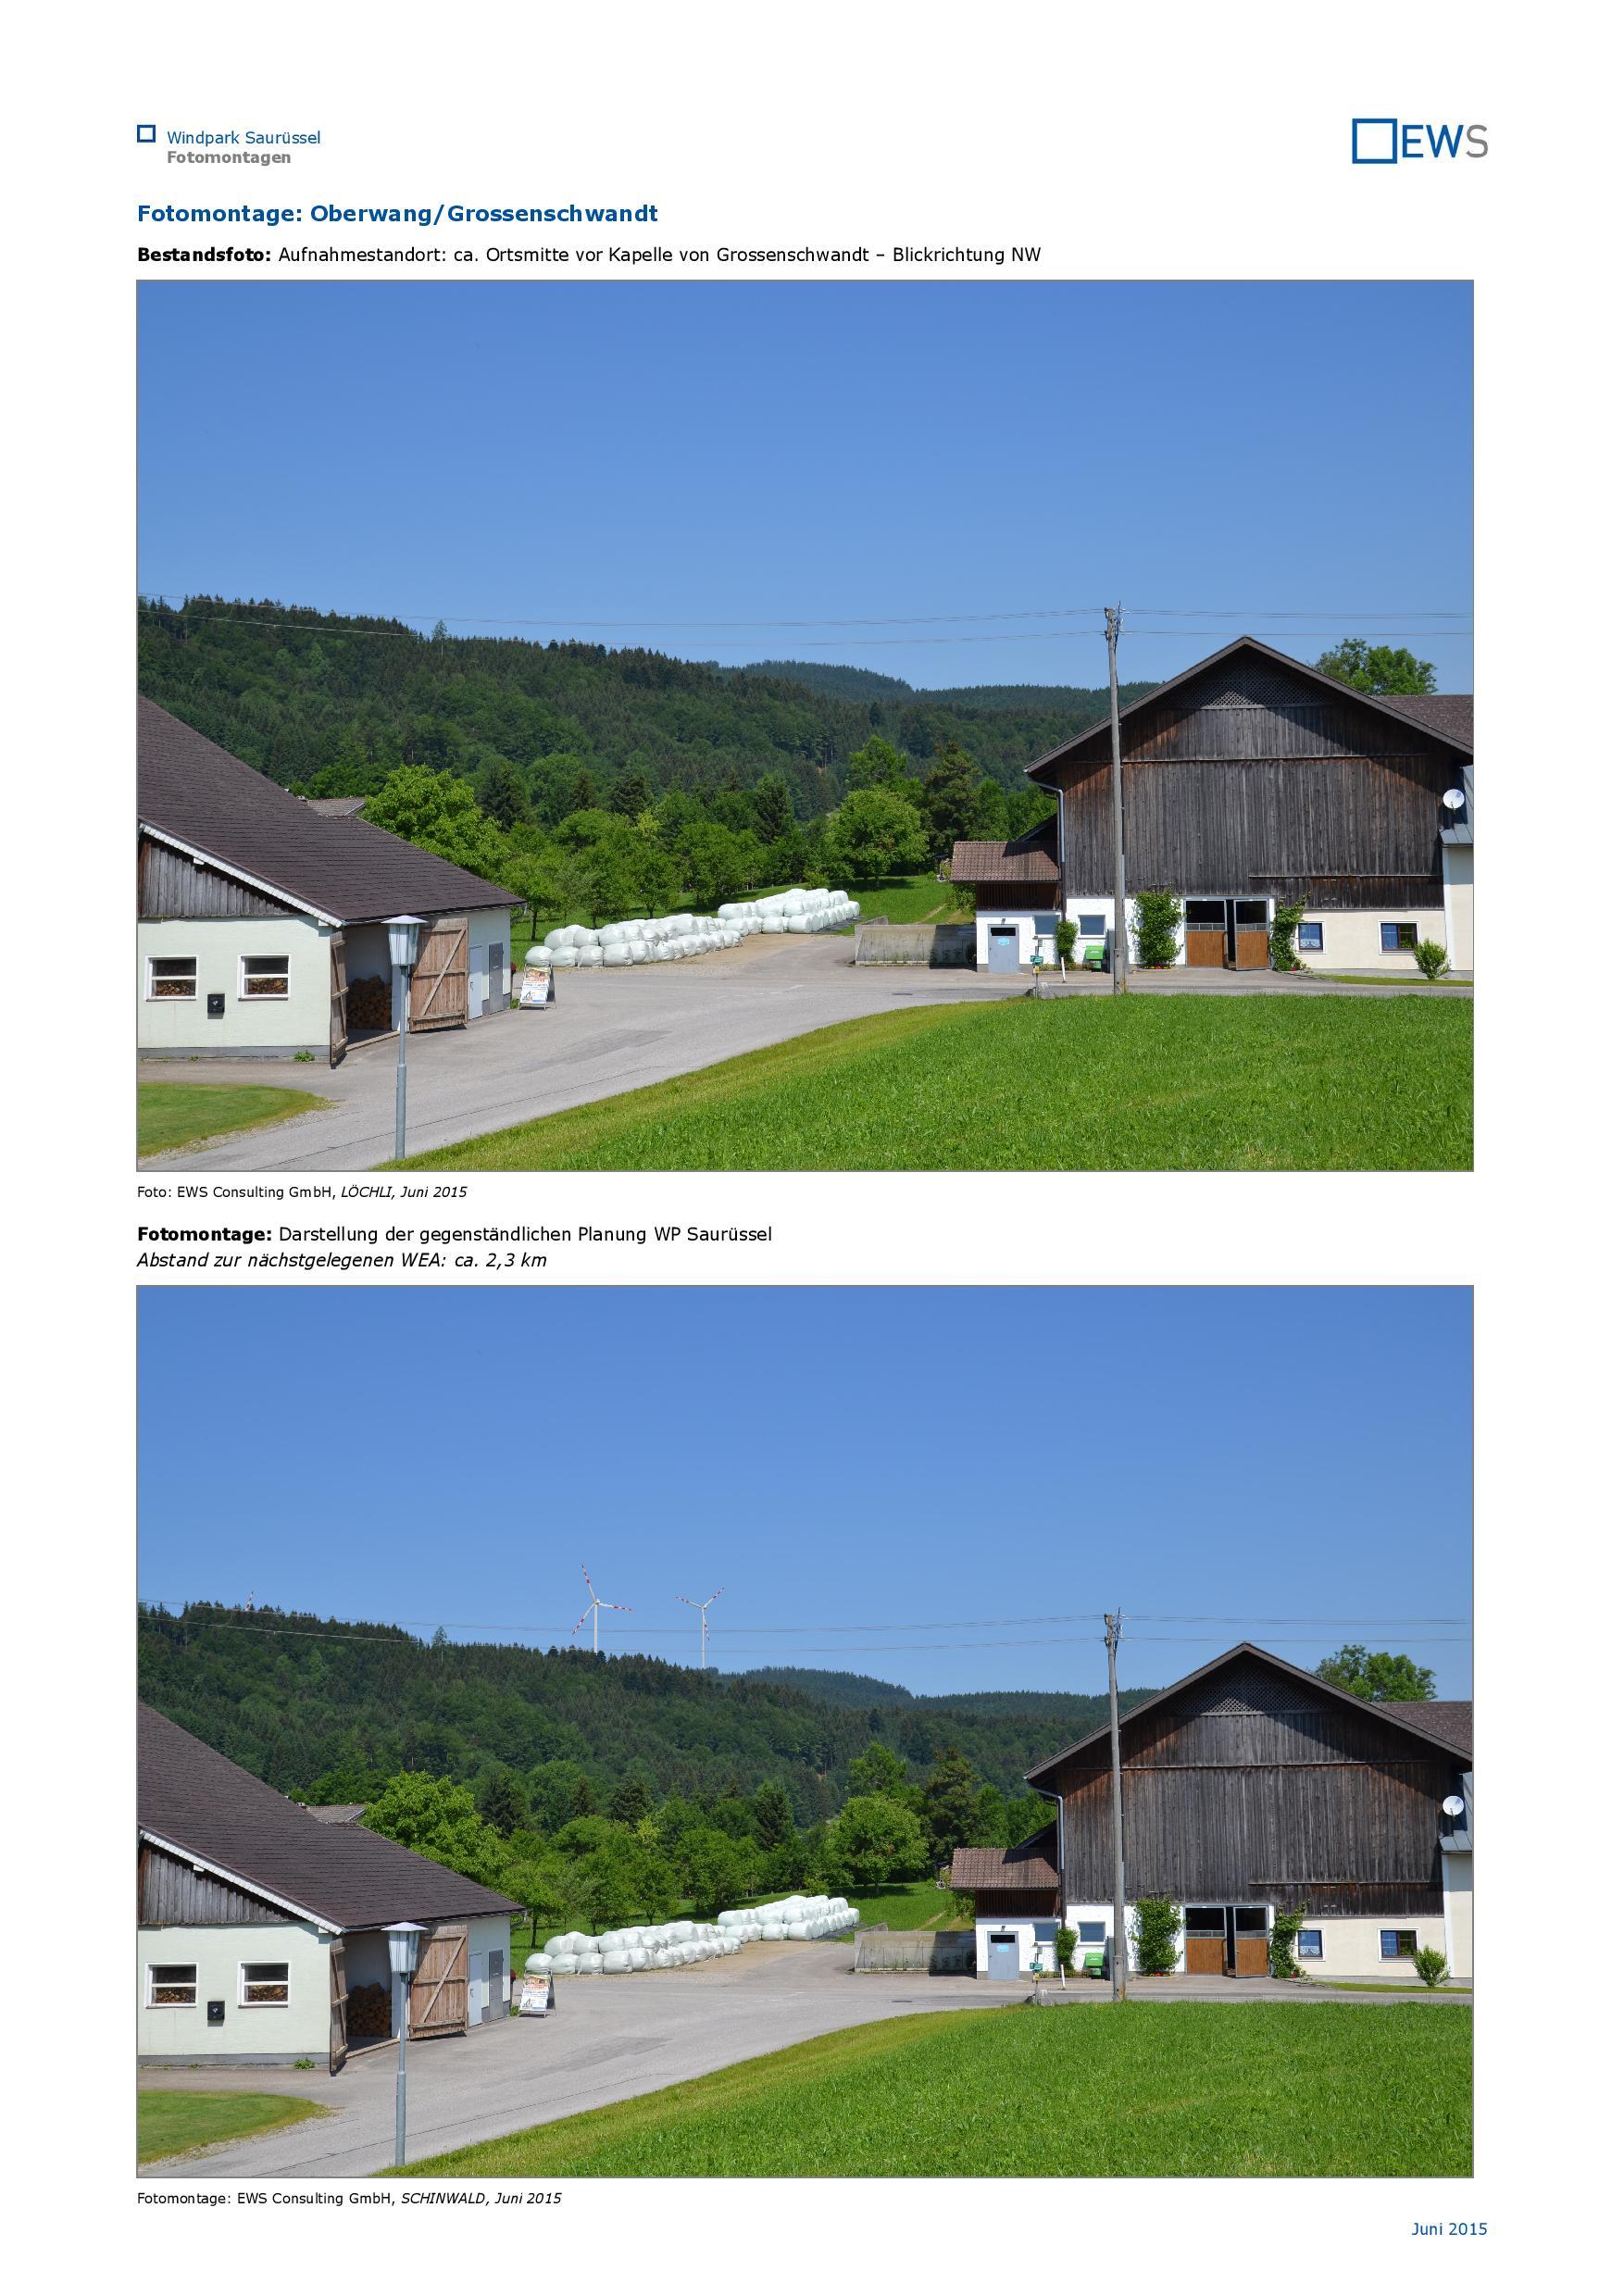 fm_oberwang_grossenschwandt_a3-page-001